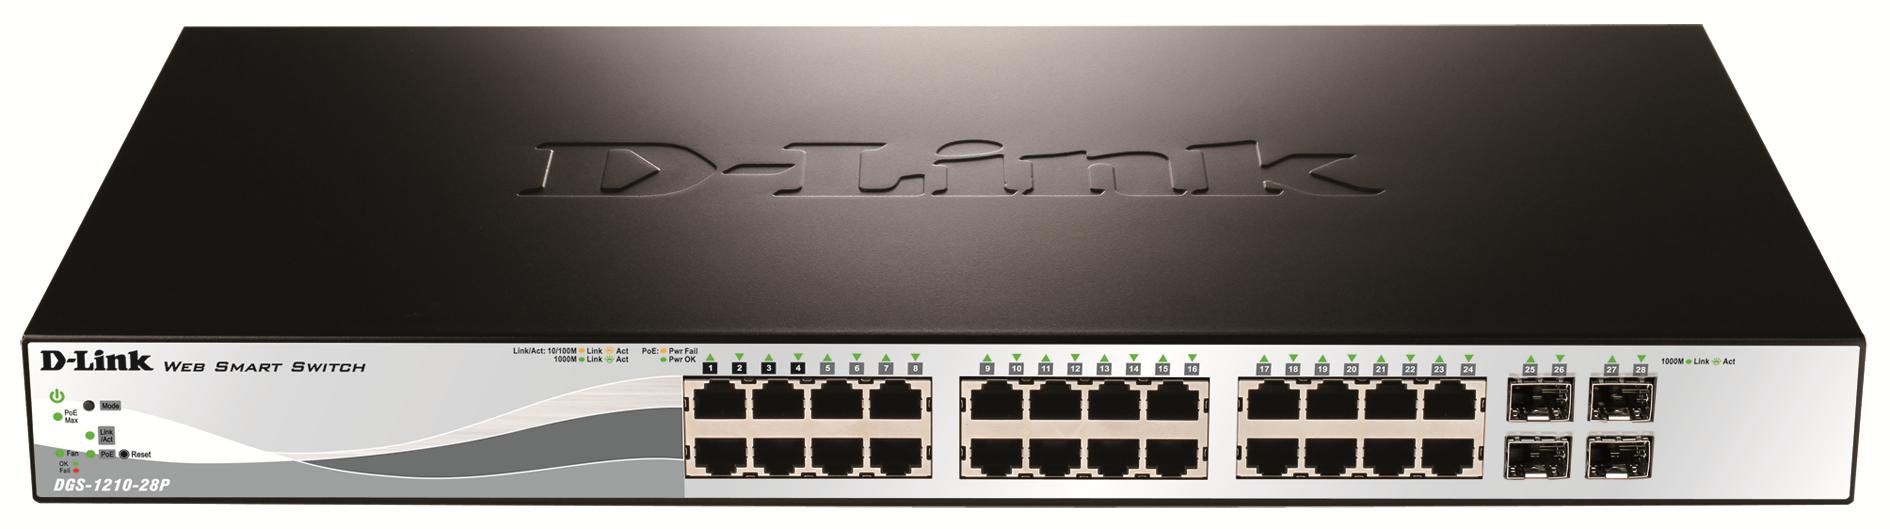 D-Link DGS-1210-28P switch Gestionado L2 1U Energía sobre Ethernet (PoE)